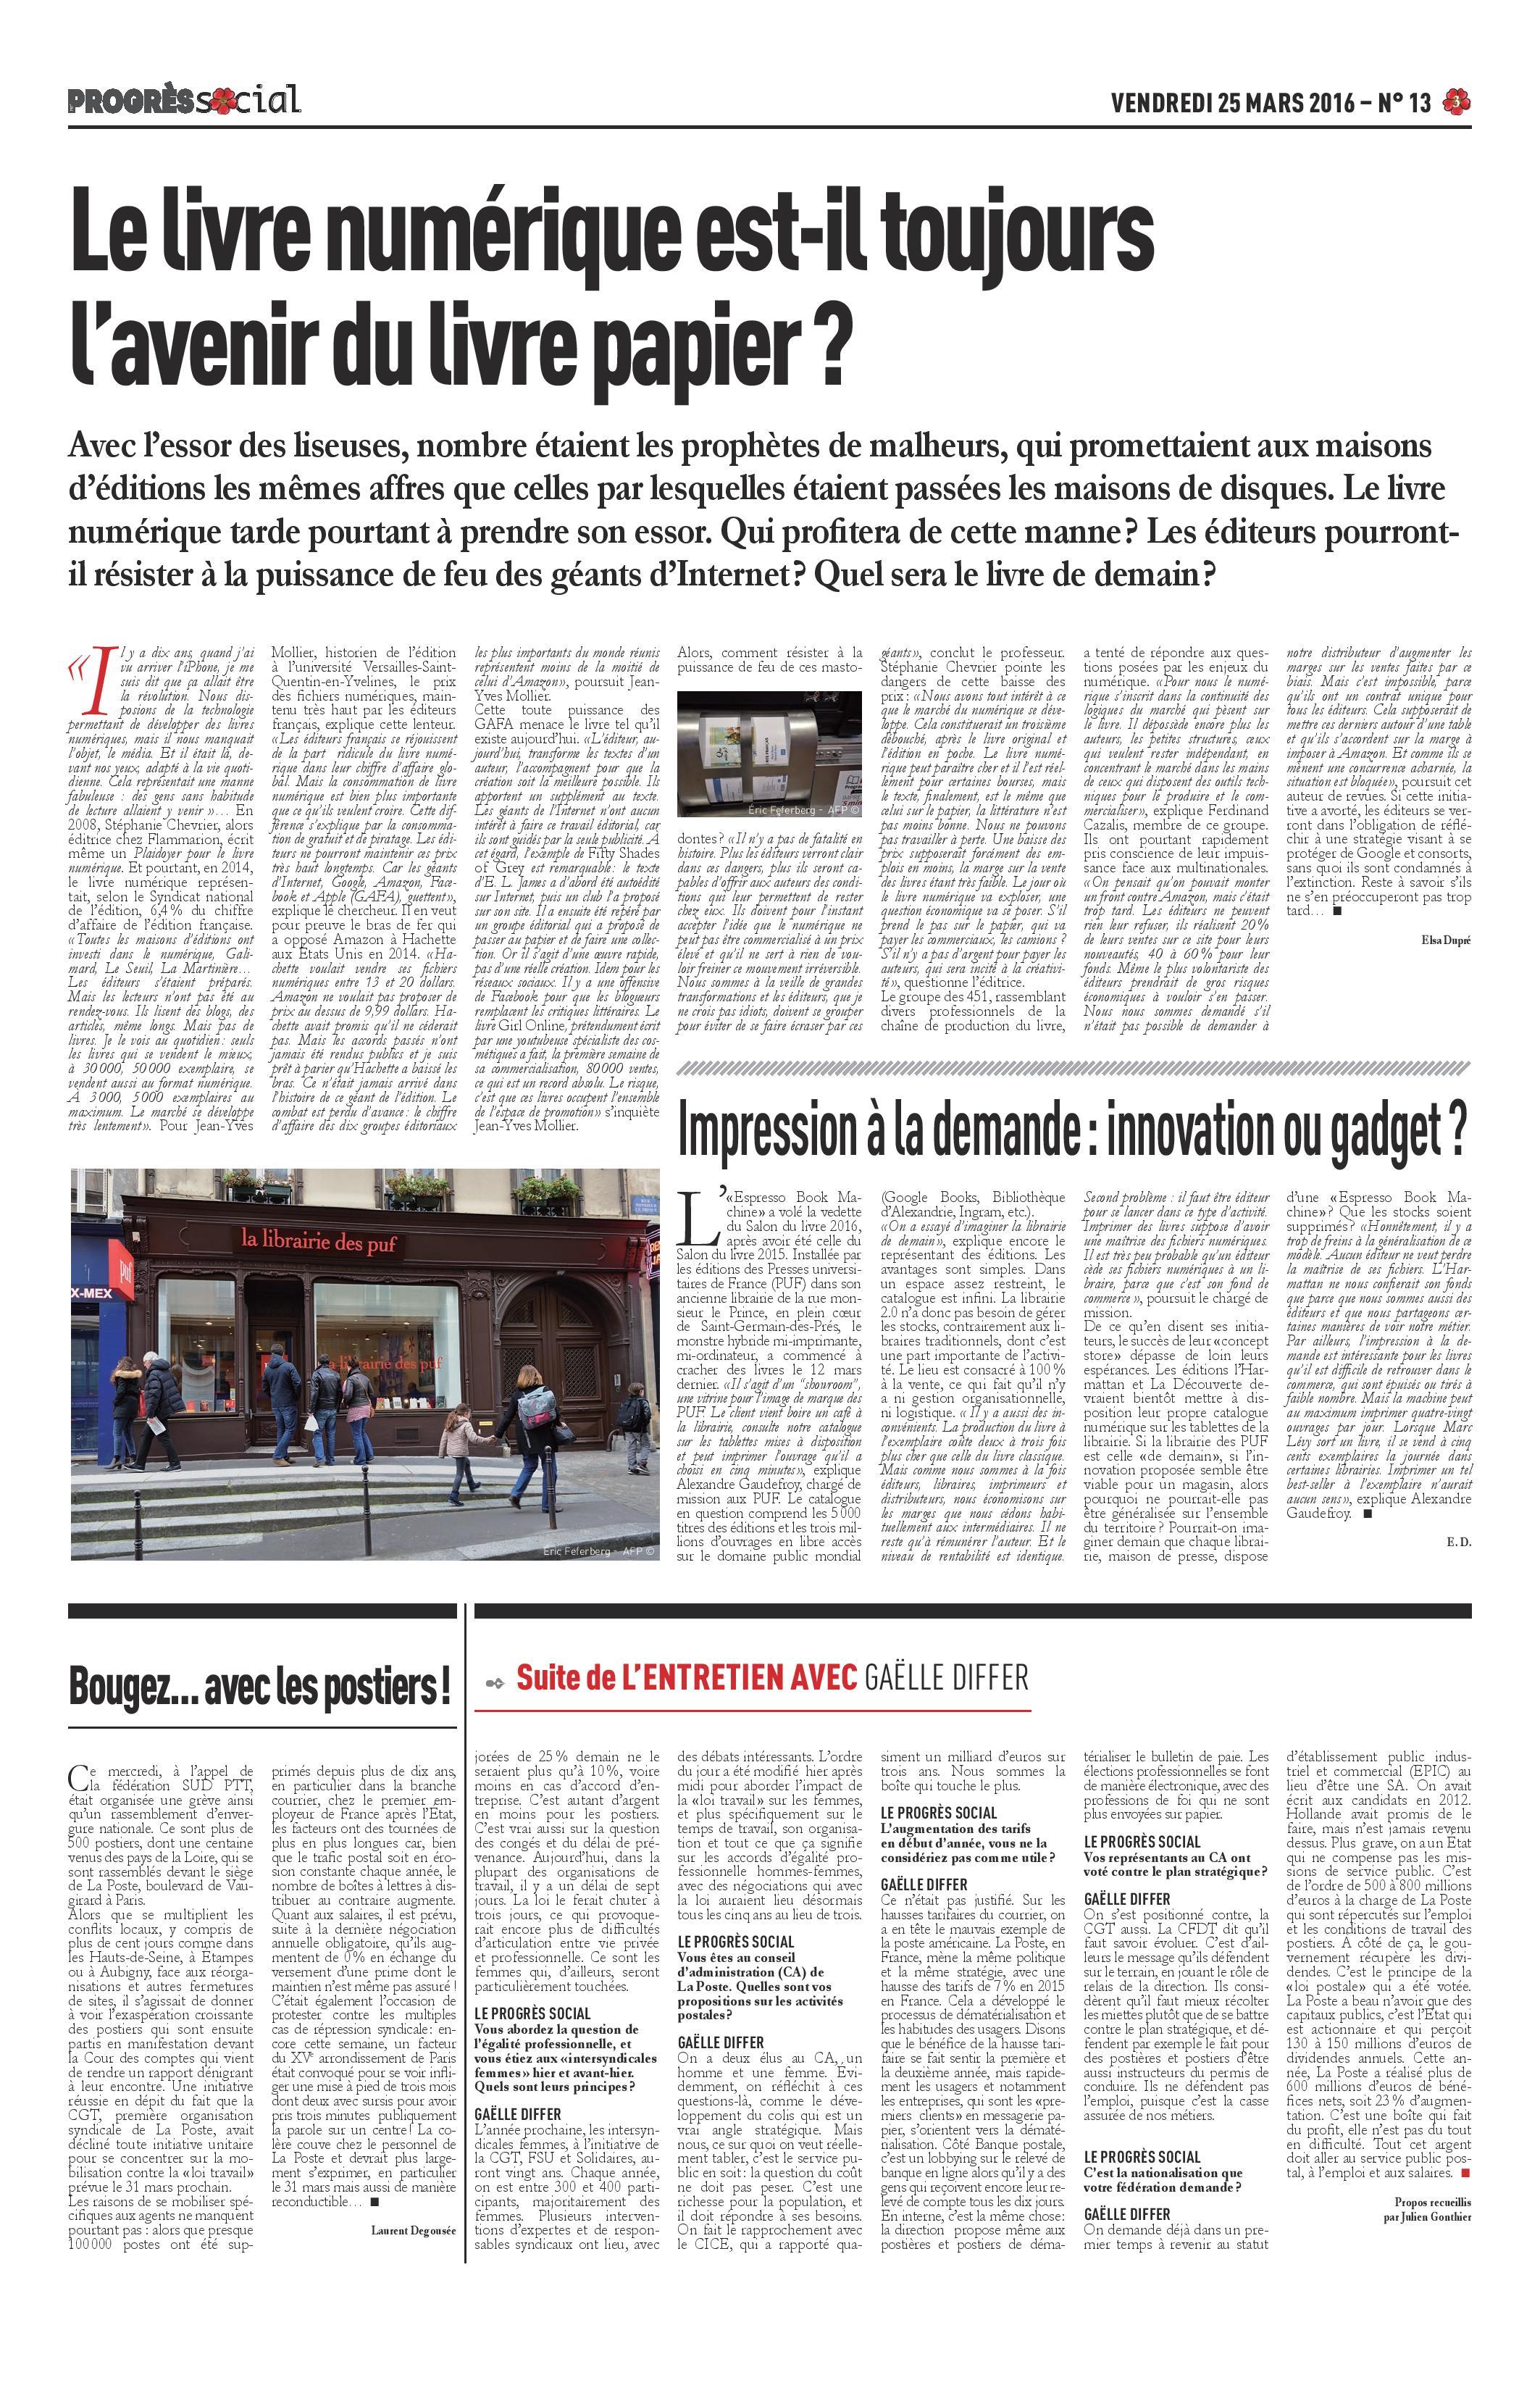 Le Progres social 13 - 25032016-3-3-page-001